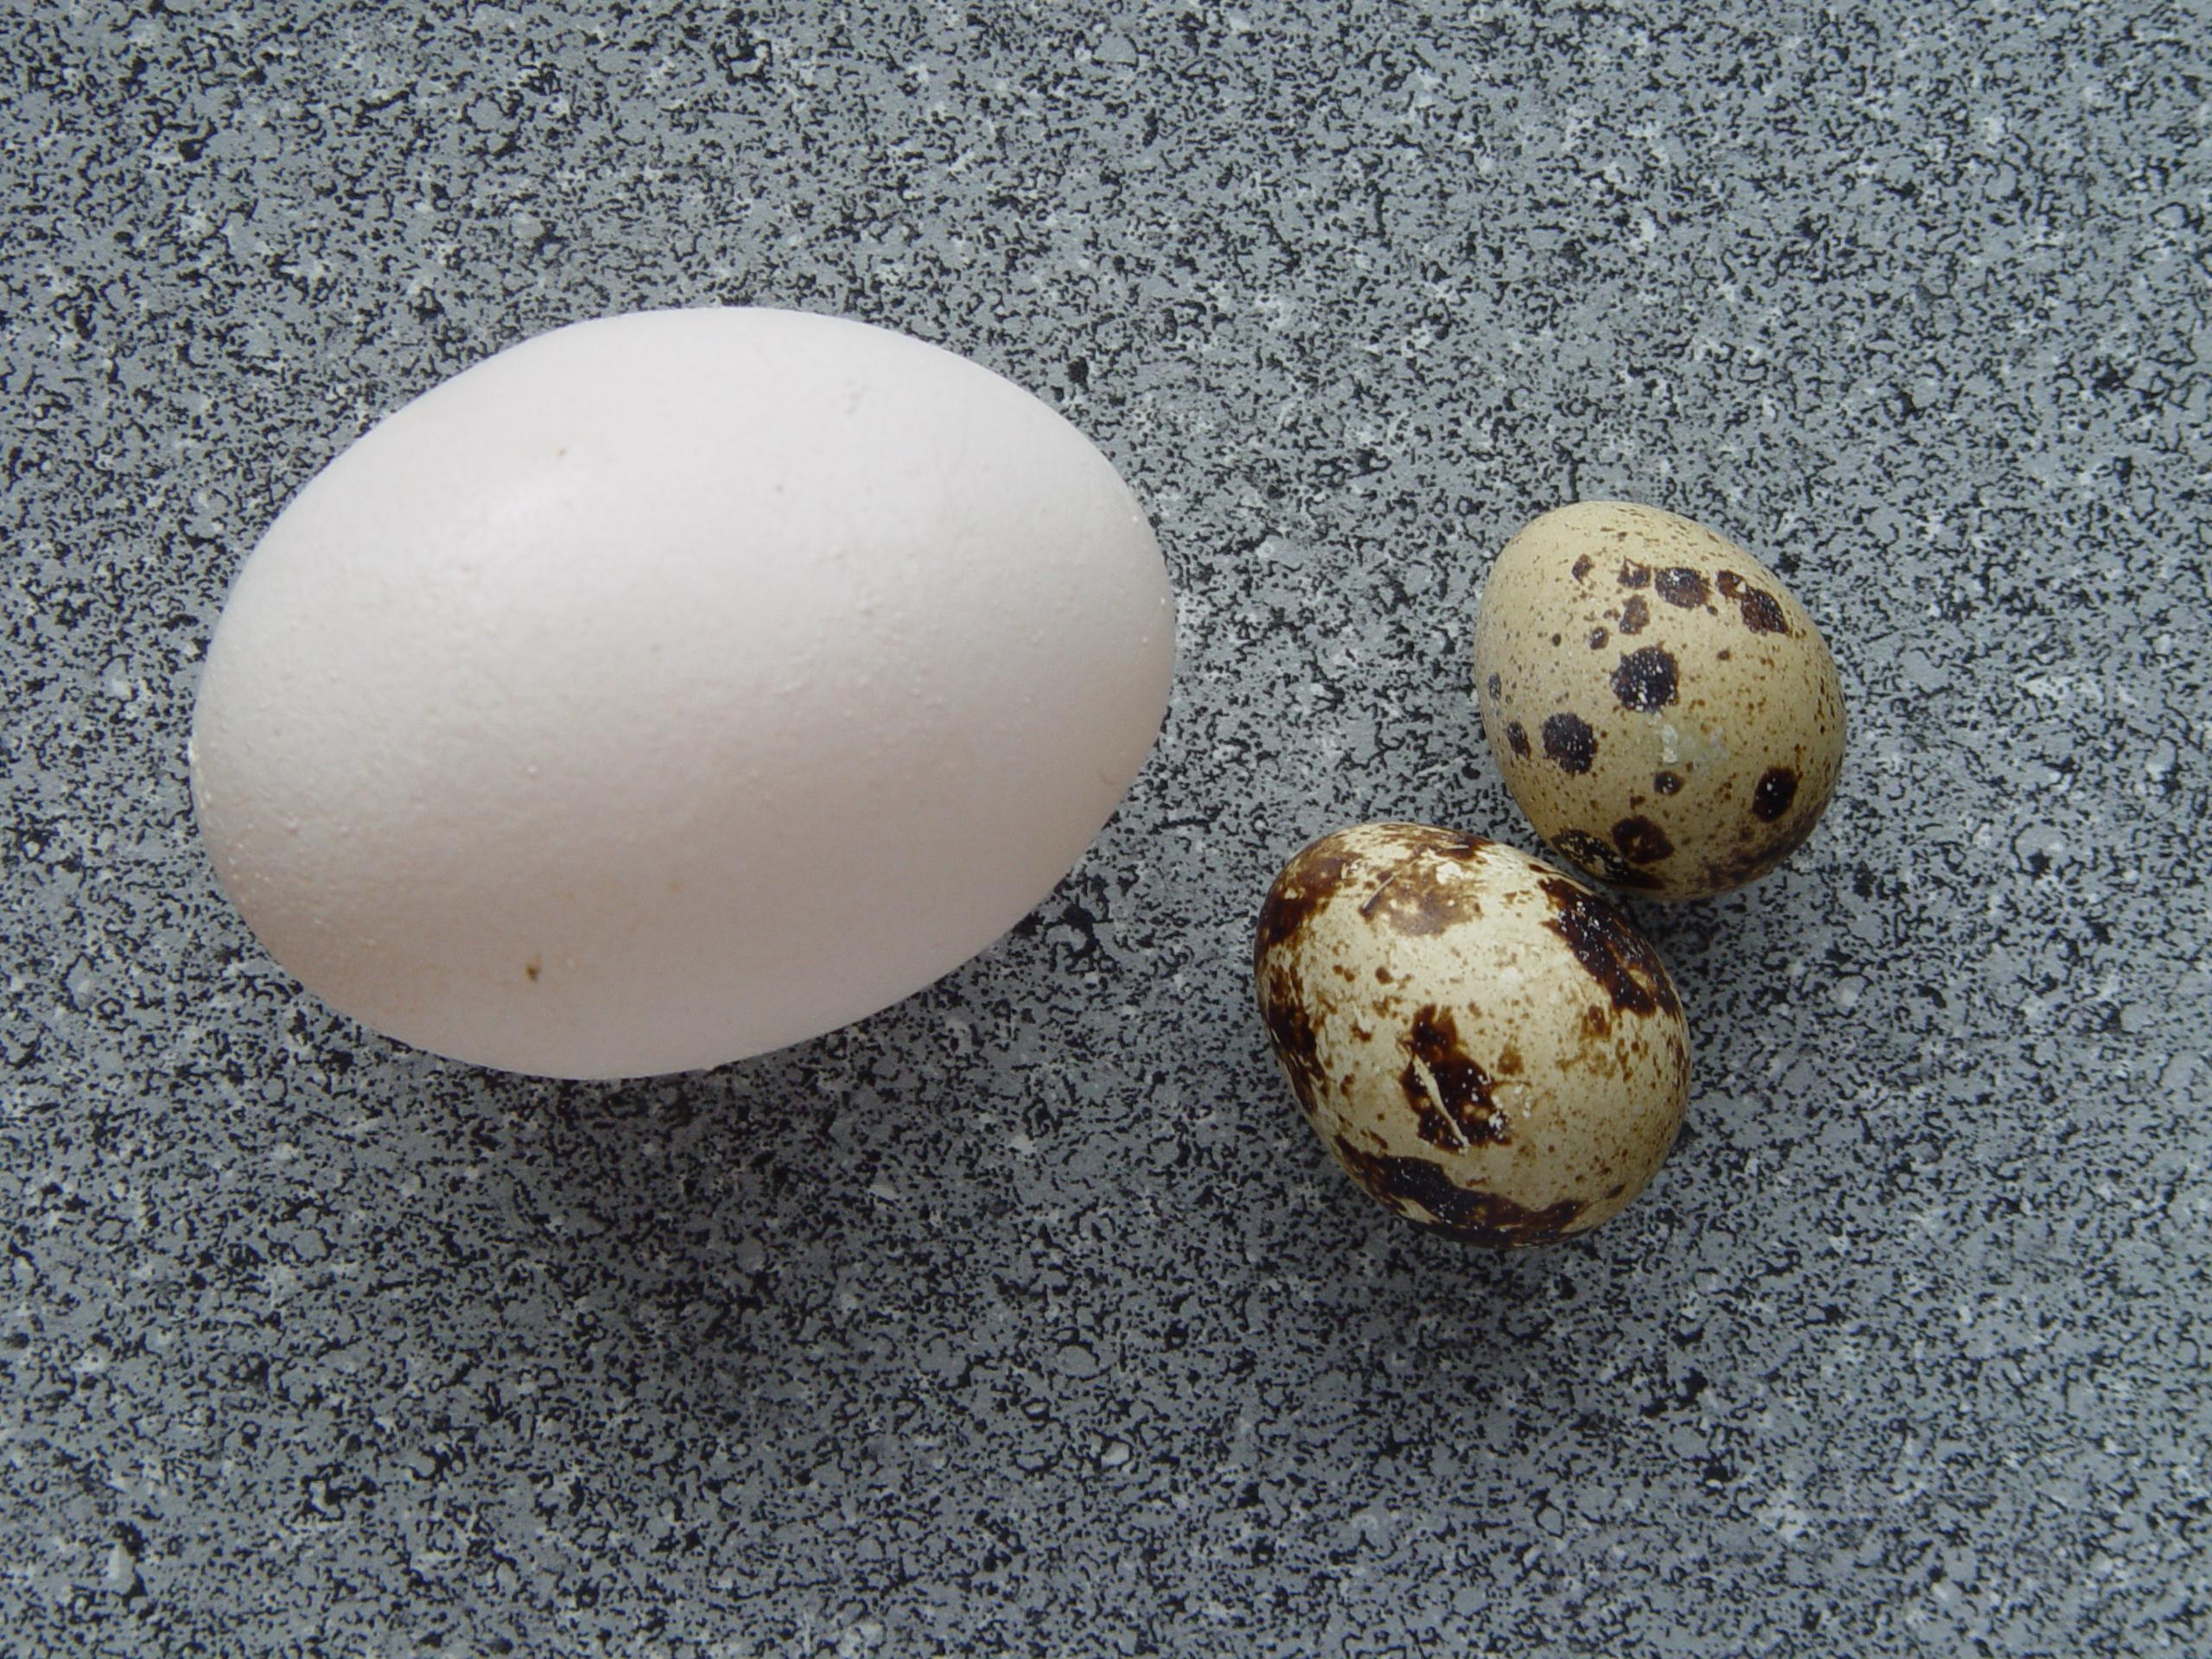 La sua gallina depone un uovo enorme, ecco che cosa contiene